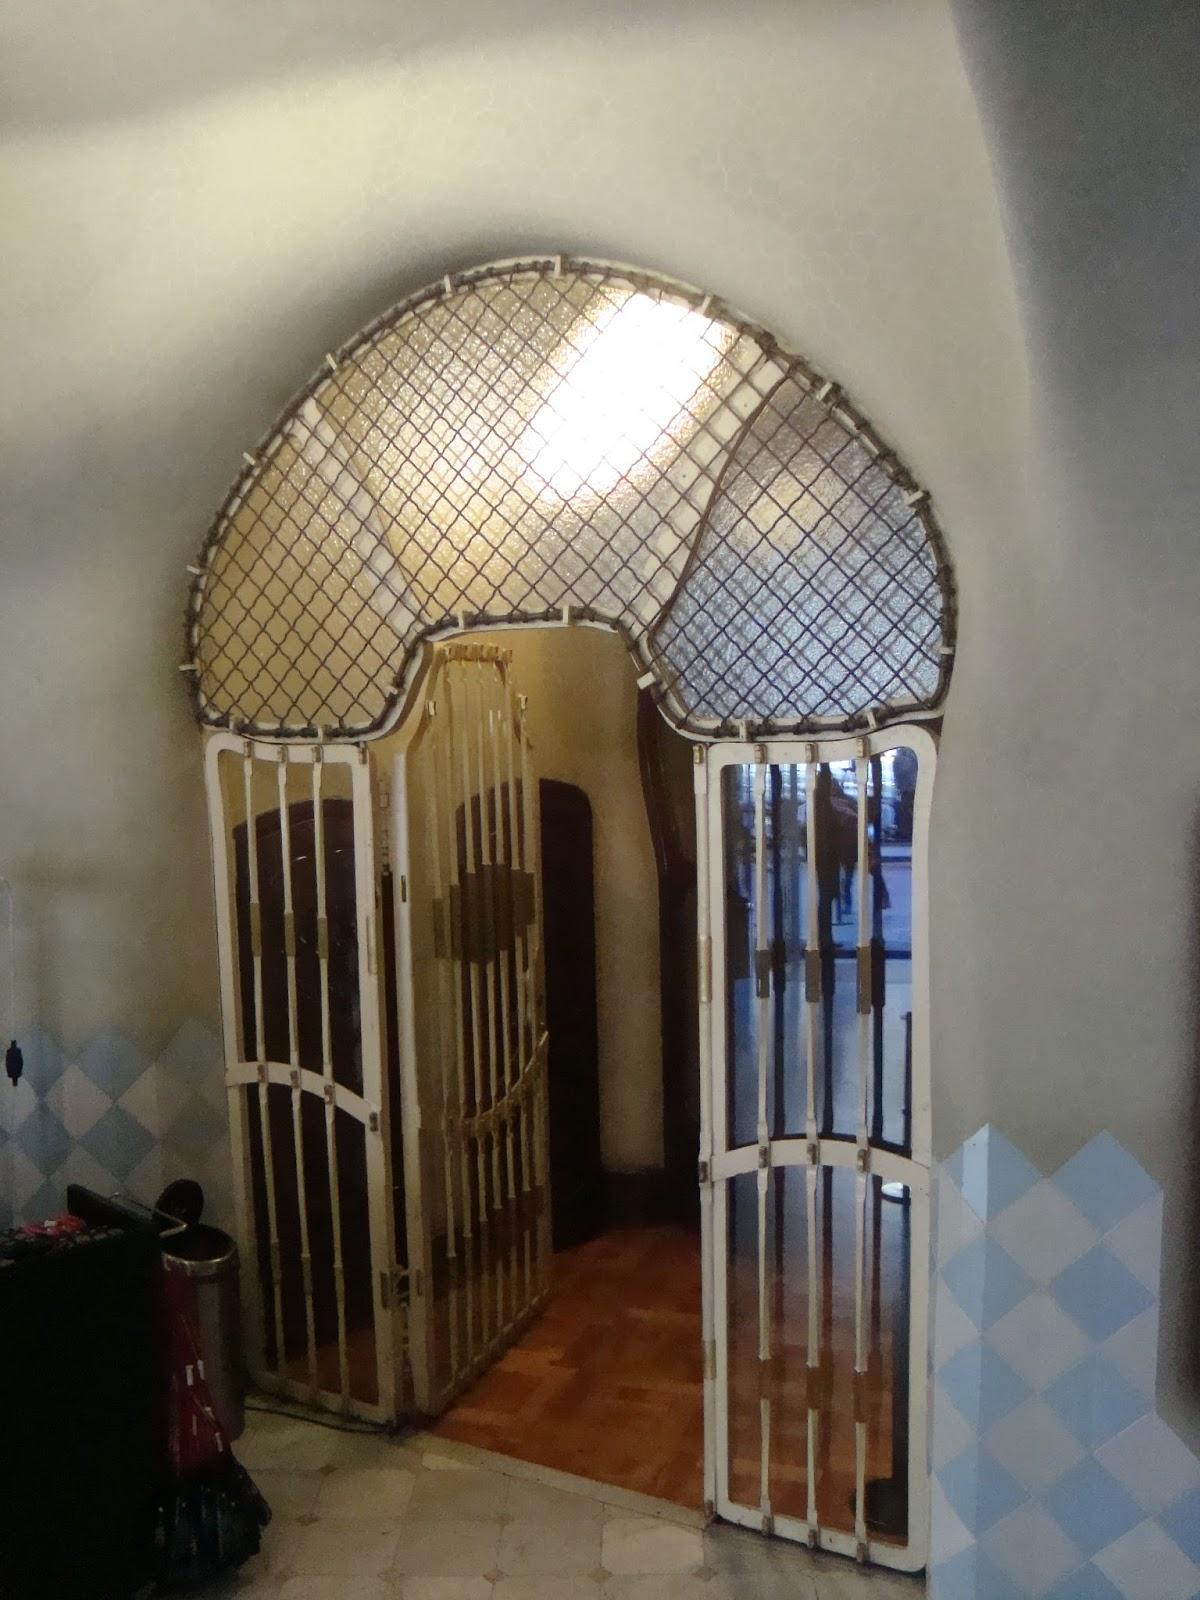 Paseos art nouveau int rieur de la casa batll 1er tage for Art nouveau interieur